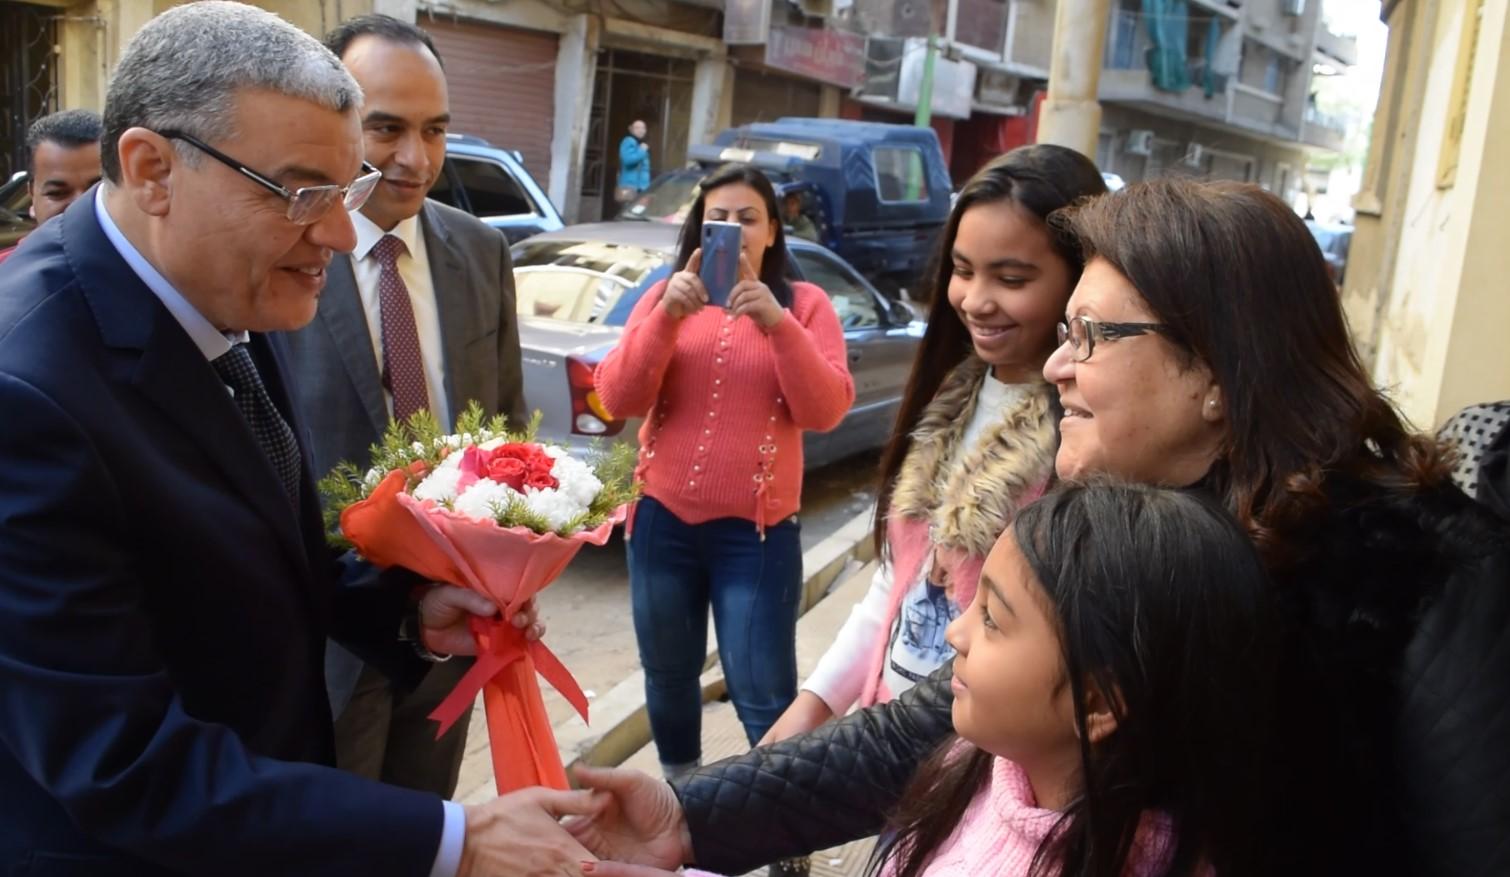 محافظ المنيا يهنئ أطفال دار البنات القبطية بعيد الميلاد المجيد (2)